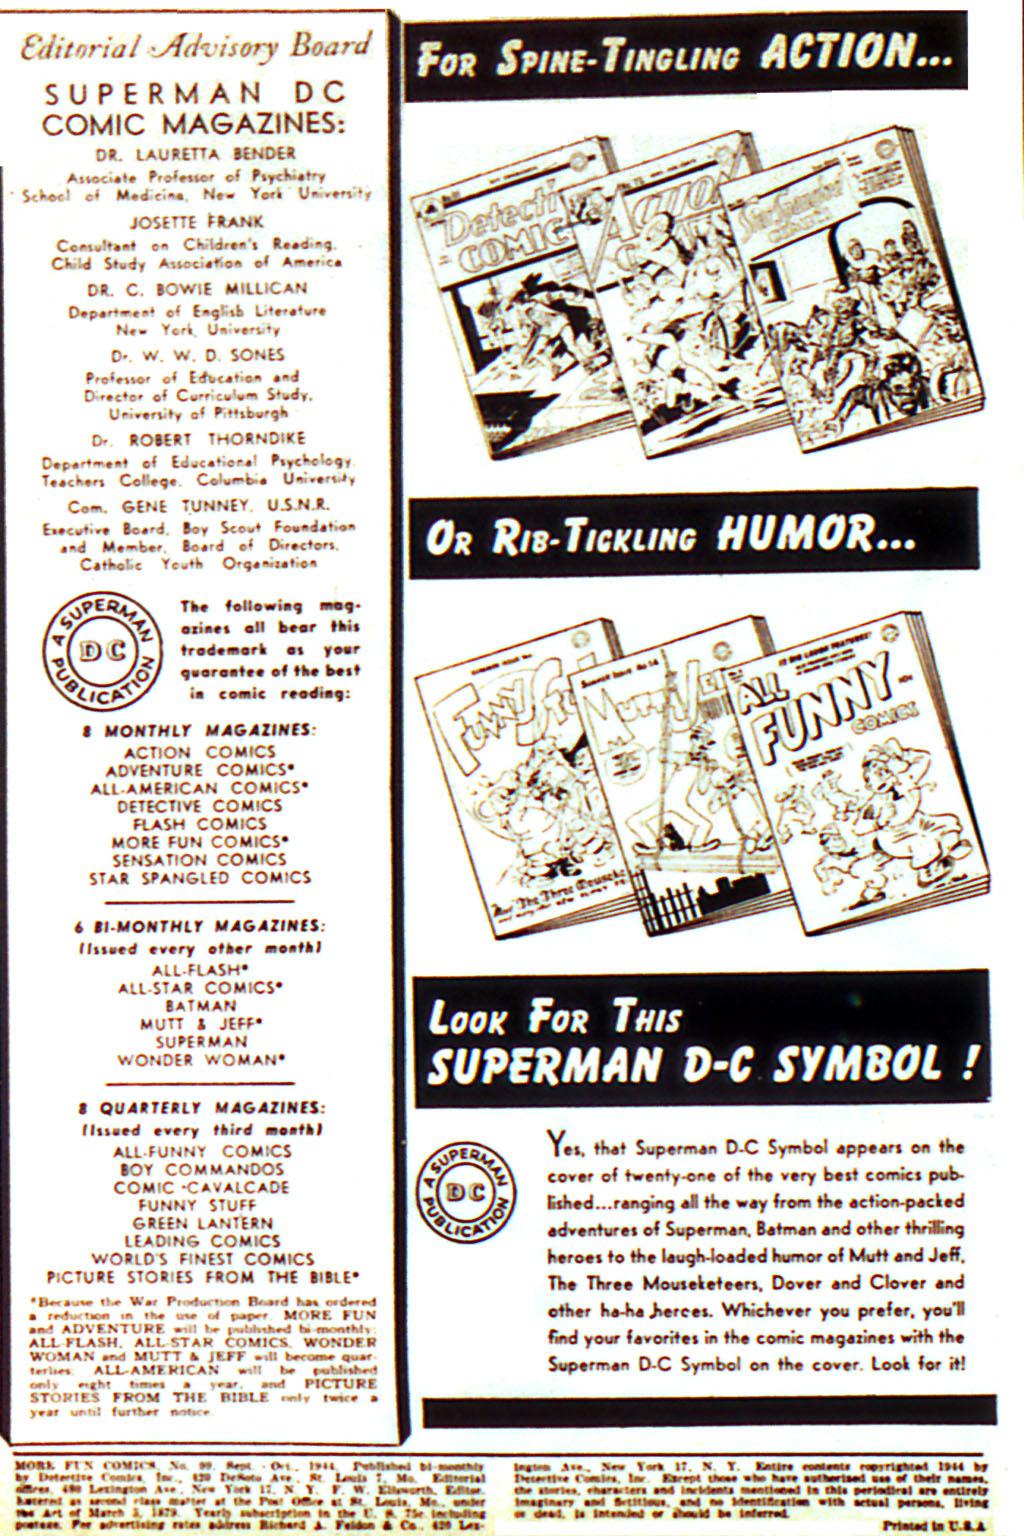 More Fun Comics 99 Page 2